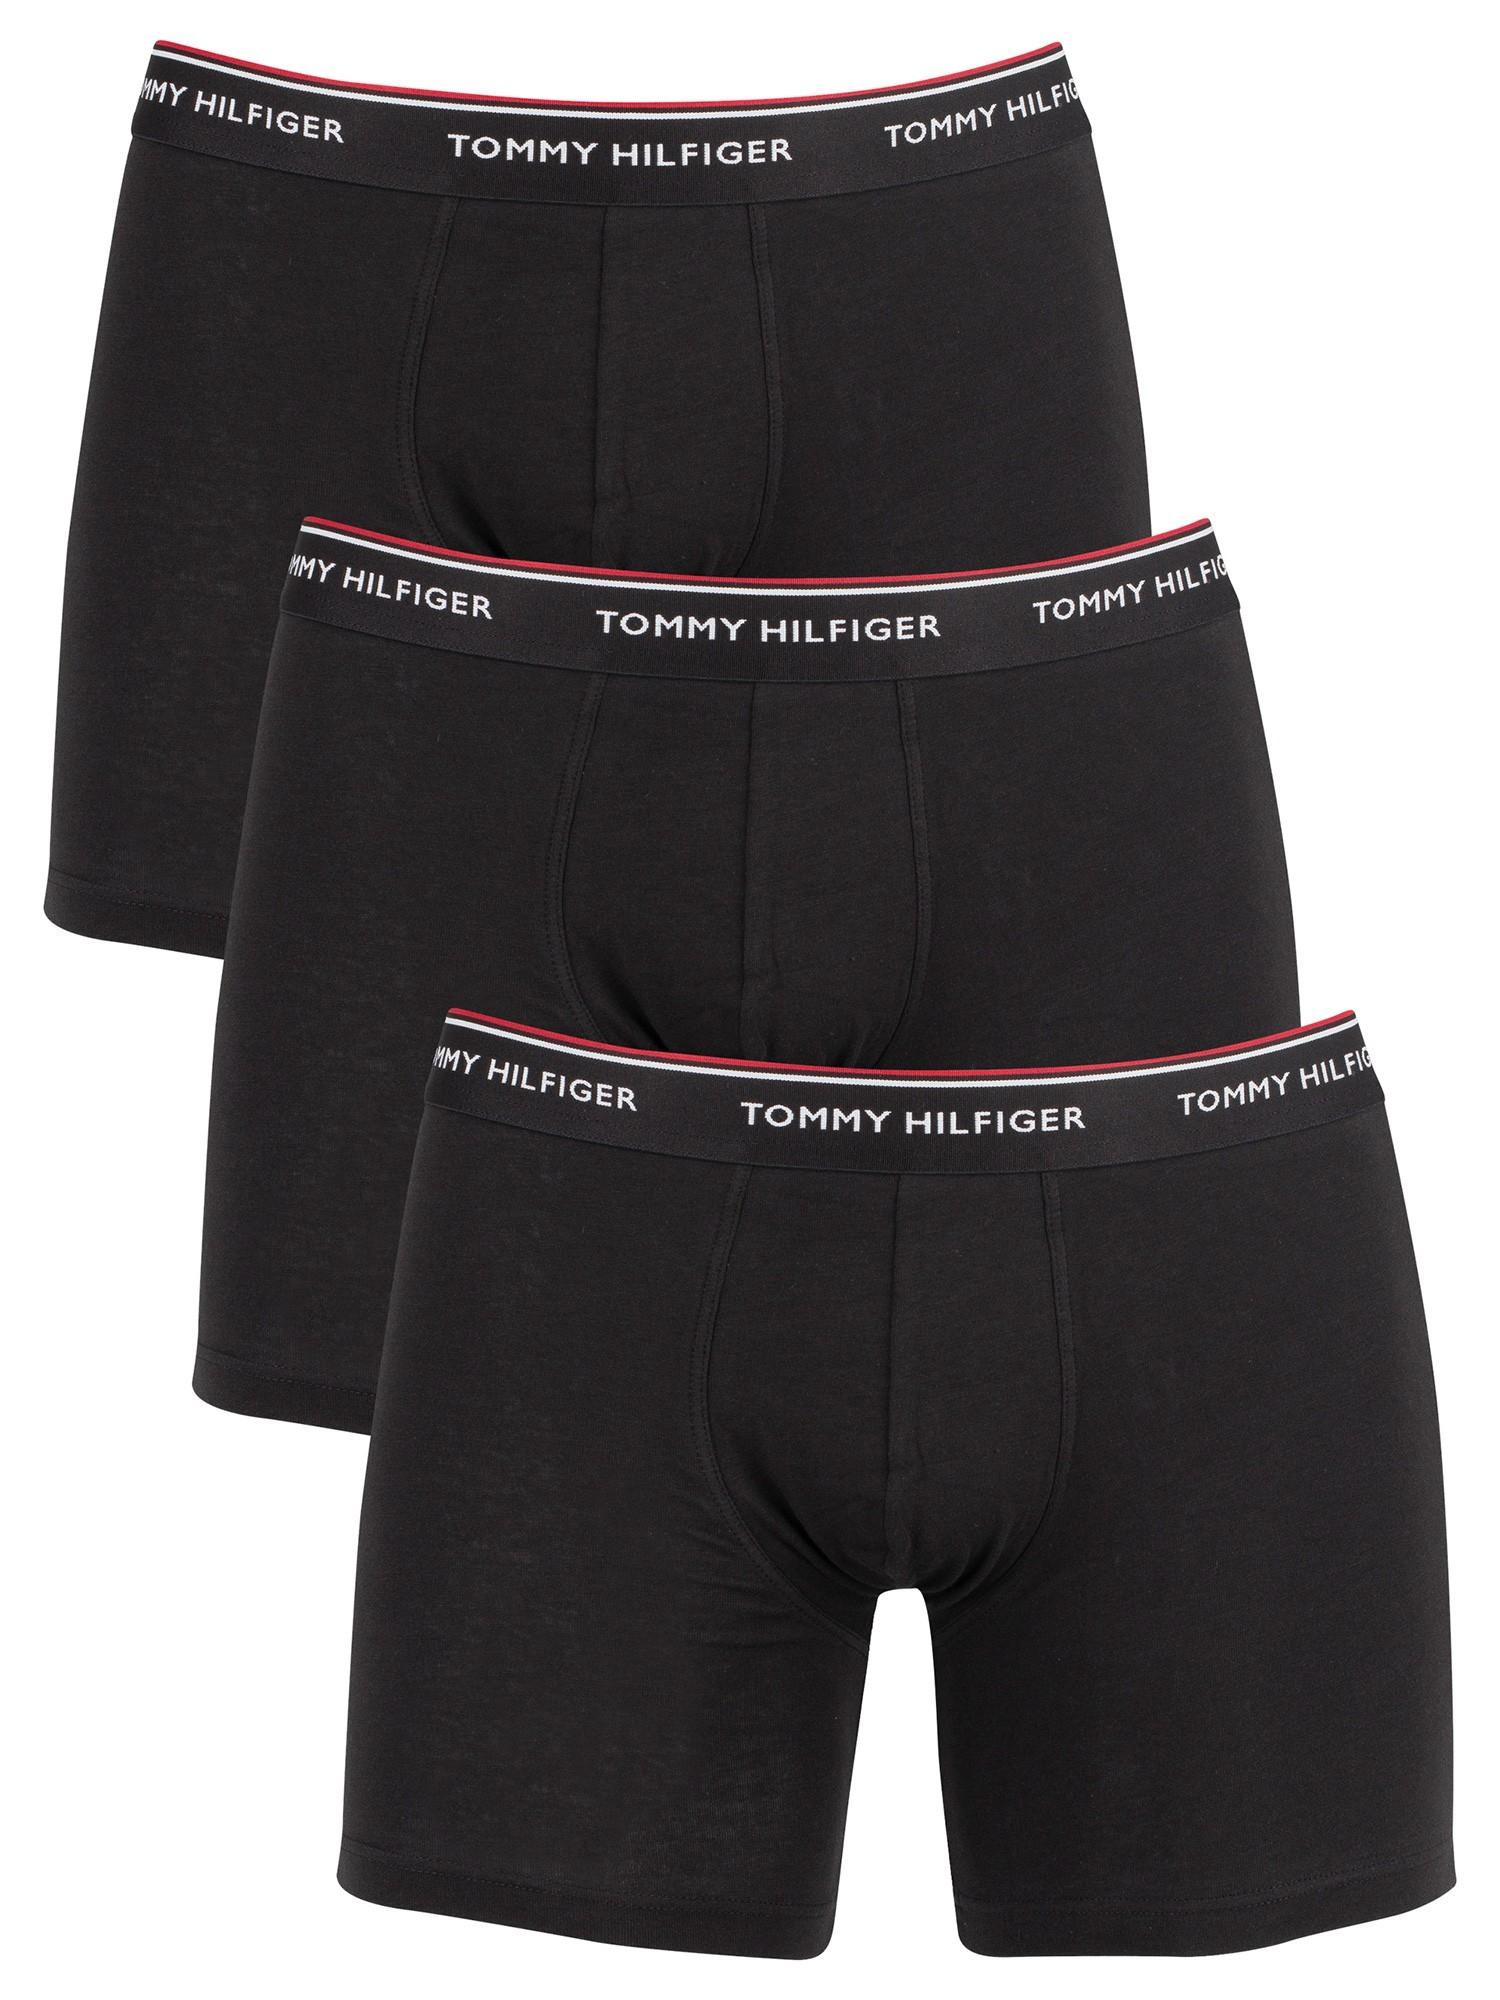 Tommy Hilfiger Men/'s 3 Pack Premium Essentials Boxer Briefs Black